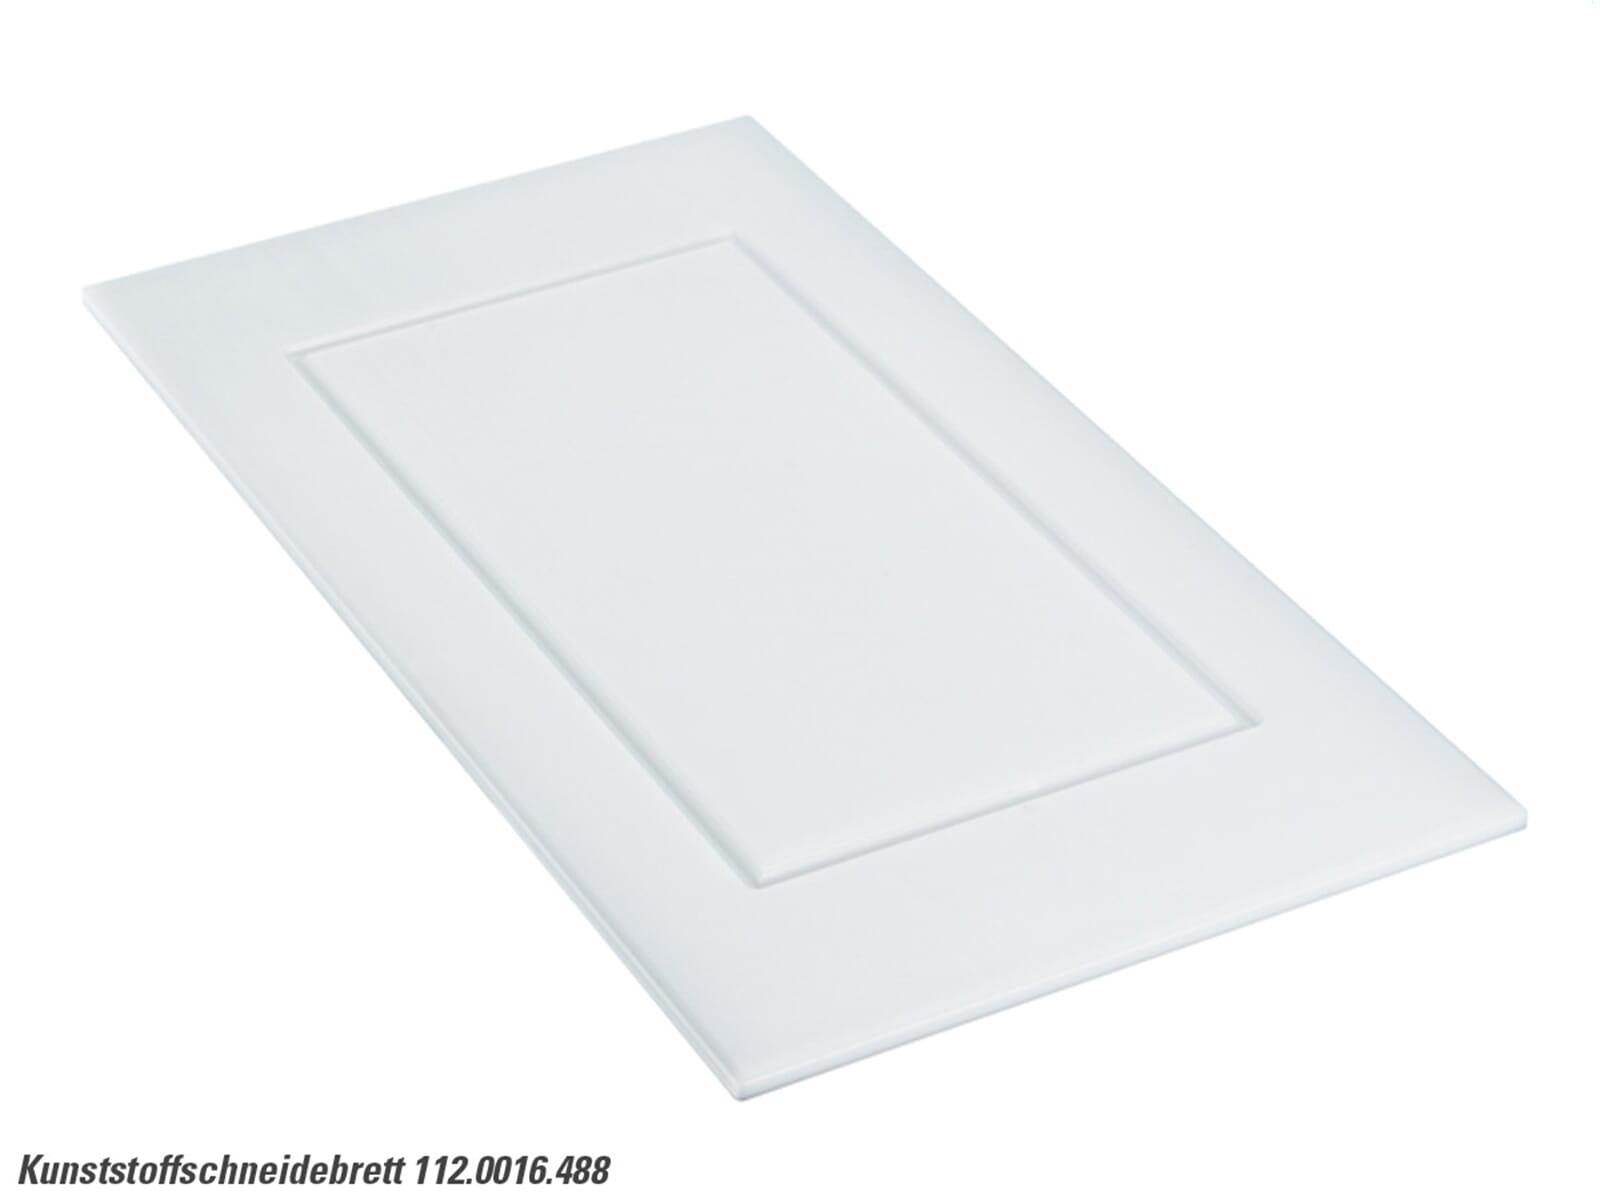 Bild Franke 112.0016.488 Kunststoffschneidebrett weiß